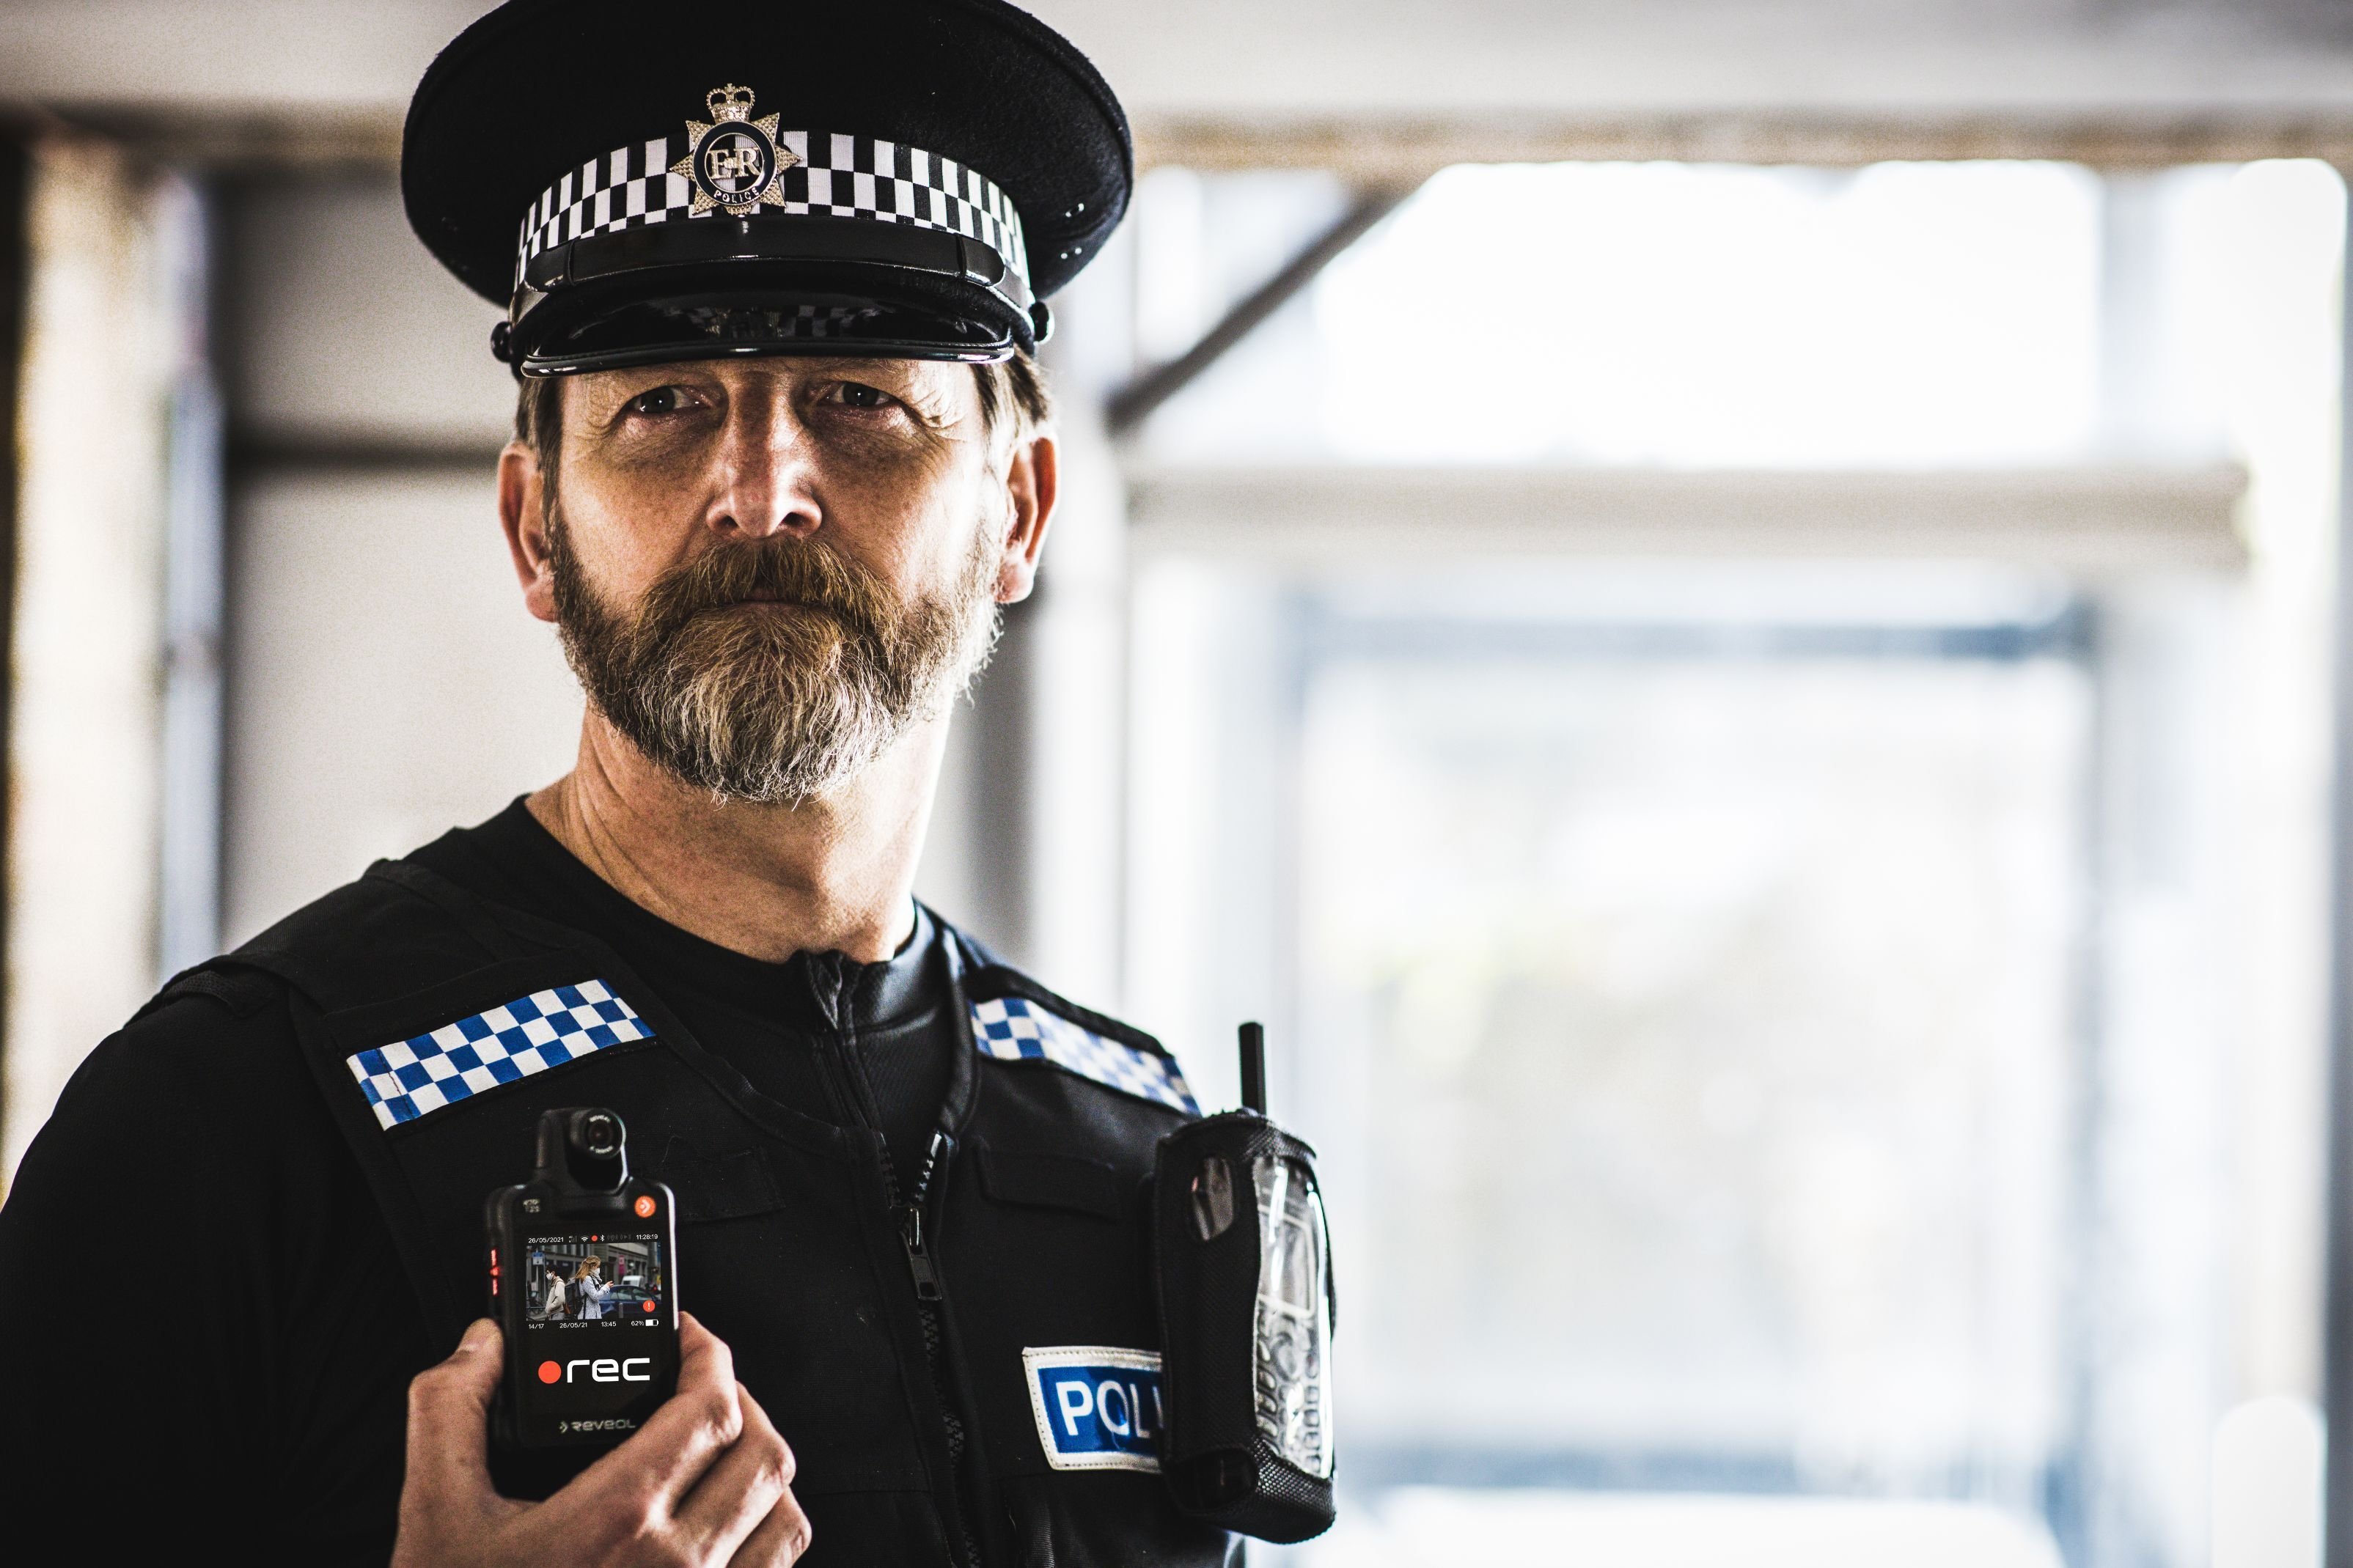 Police AI